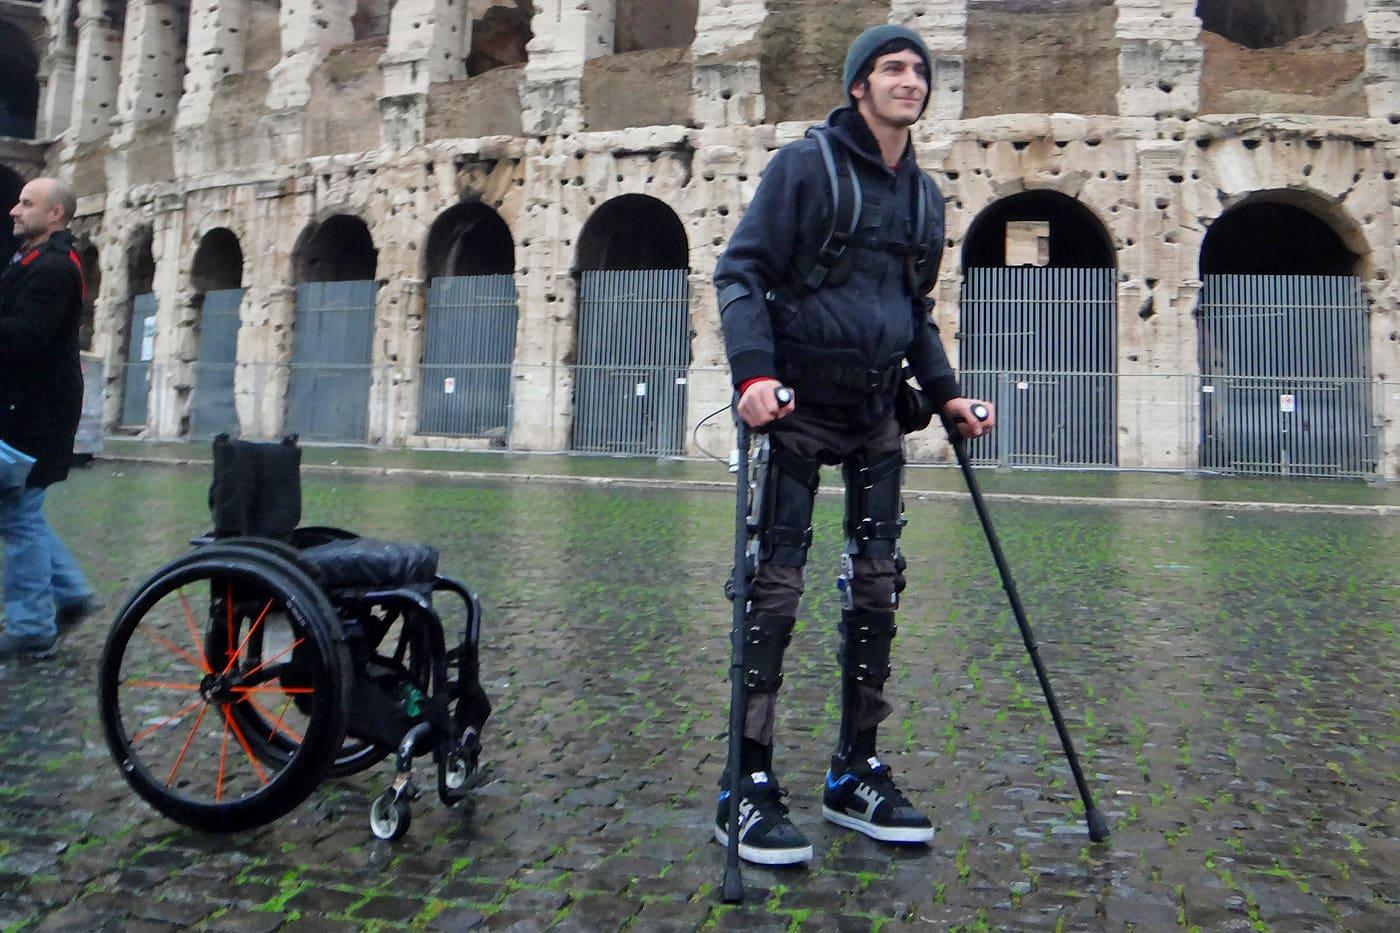 El exoesqueleto de $40.000 que le permite a las personas con parálisis corporal volver a caminar